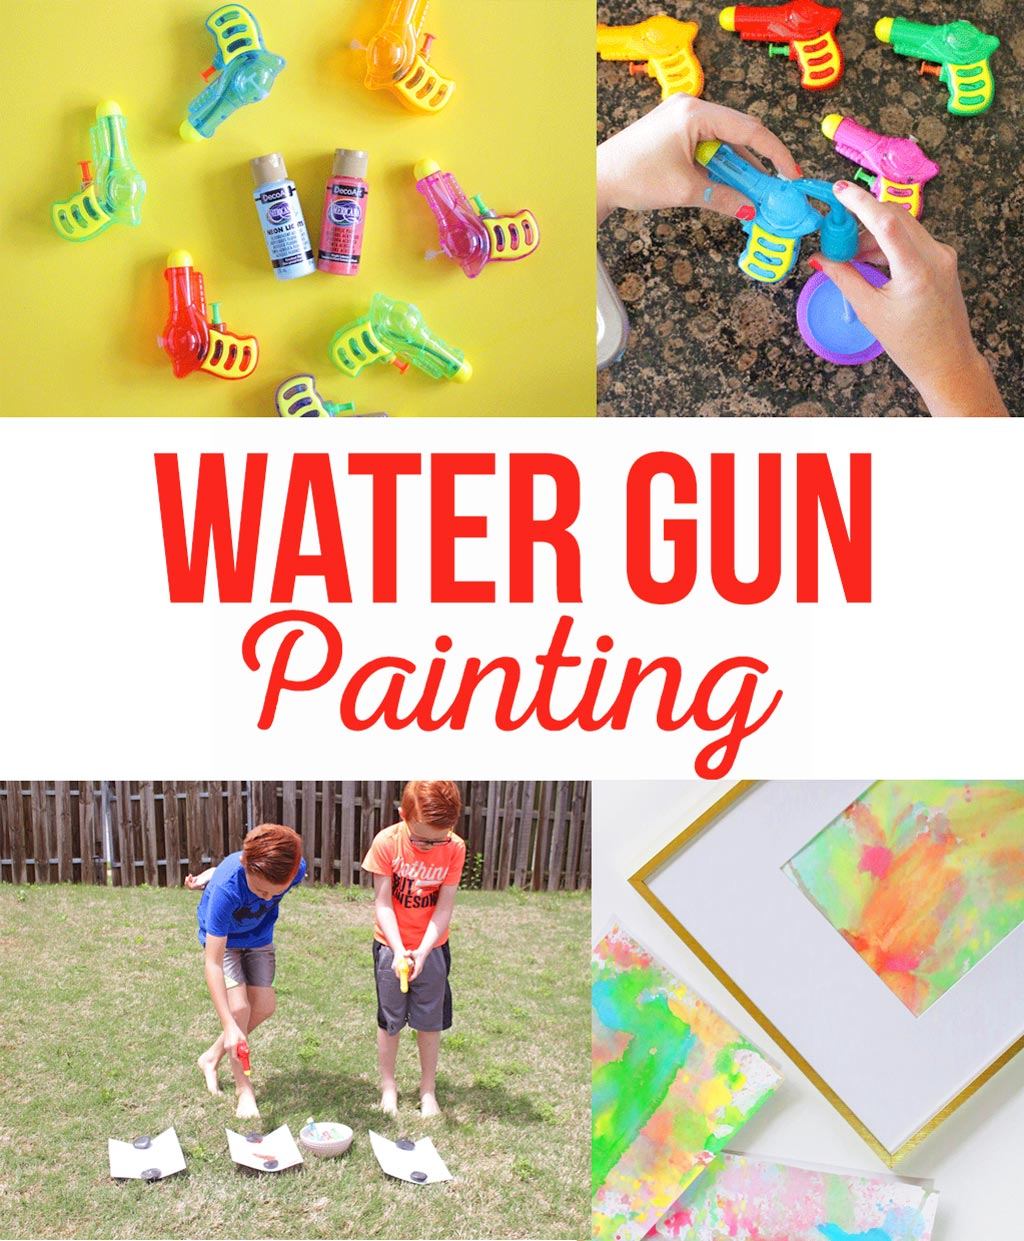 Water Gun Painting | A fun summer kids activity